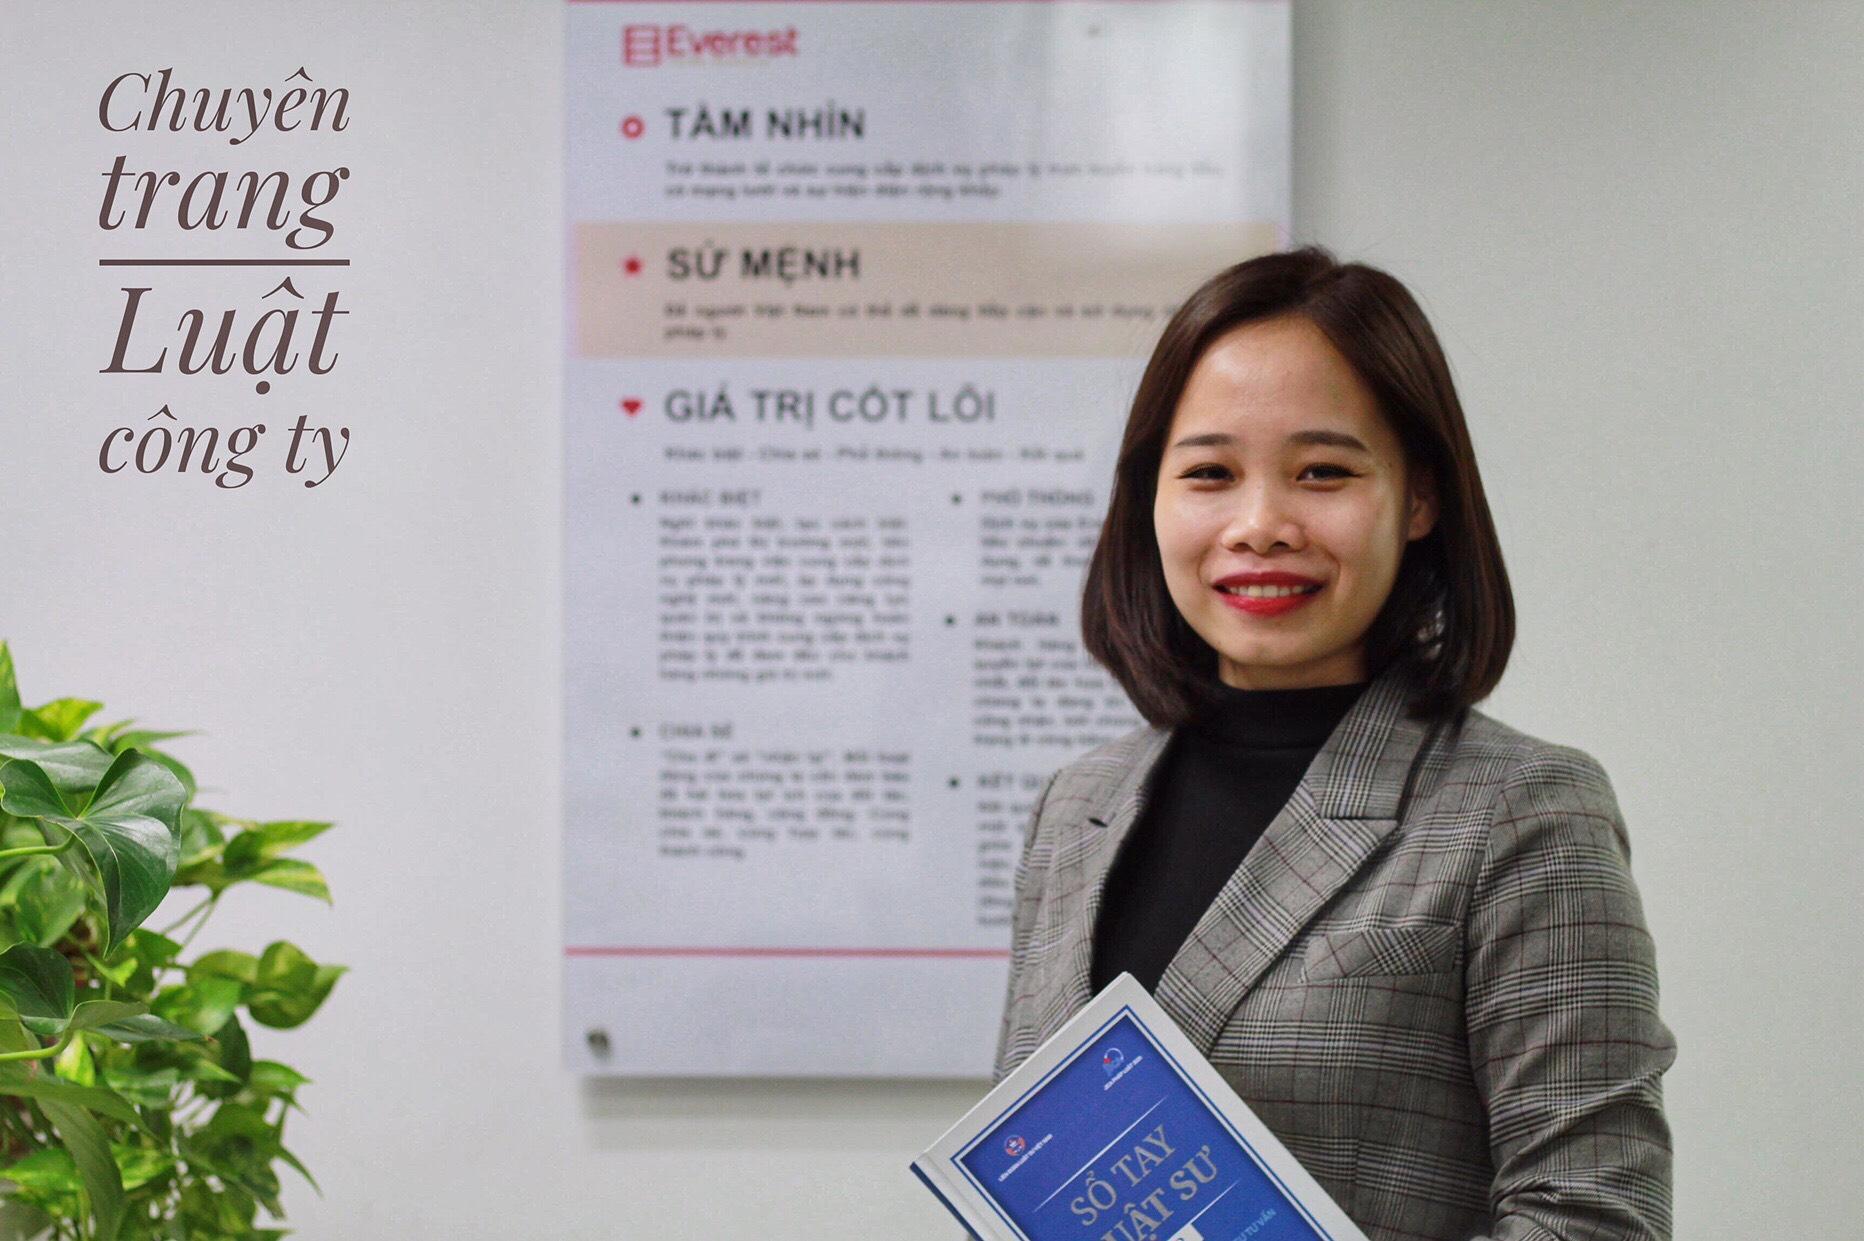 Luật sư Nguyễn Hoài Thương - Công ty Luật TNHH Everest- Tổng đài tư vấn (24/7): 1900 6198